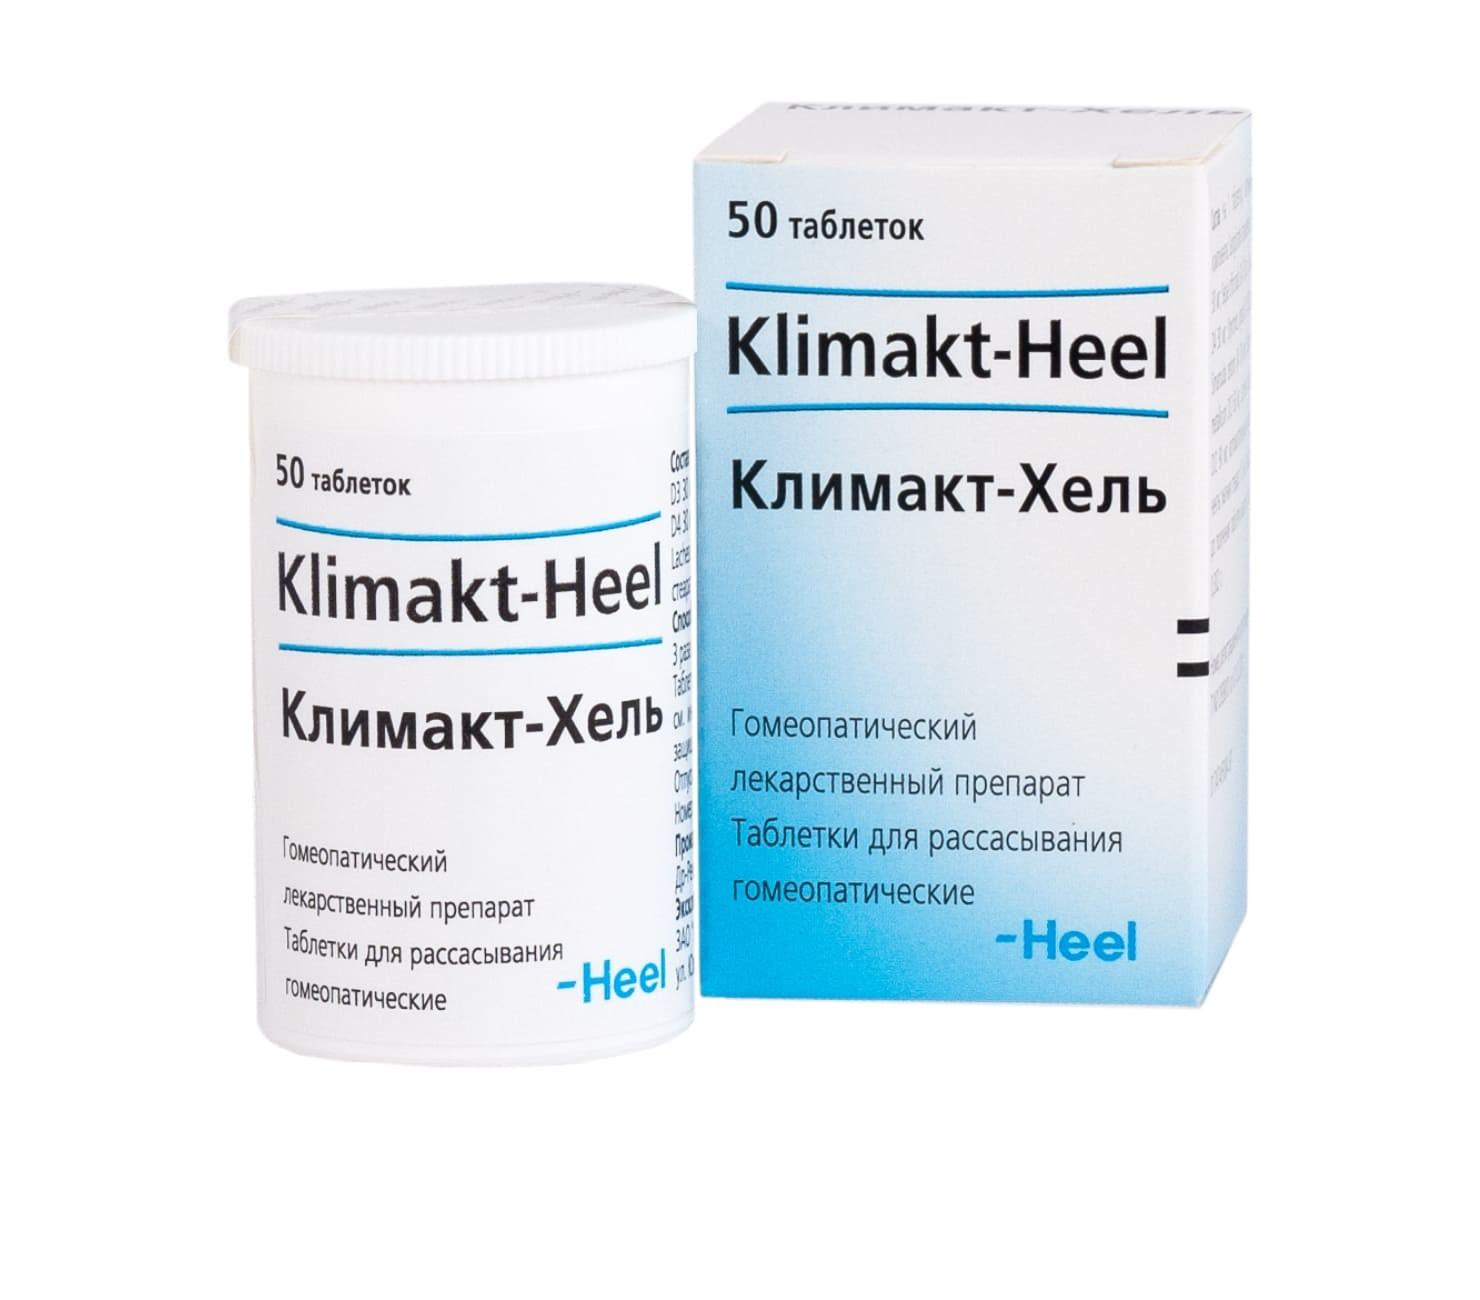 Климакт-хель – показания, противопоказания, отзывы врачей – насколько помогает препарат